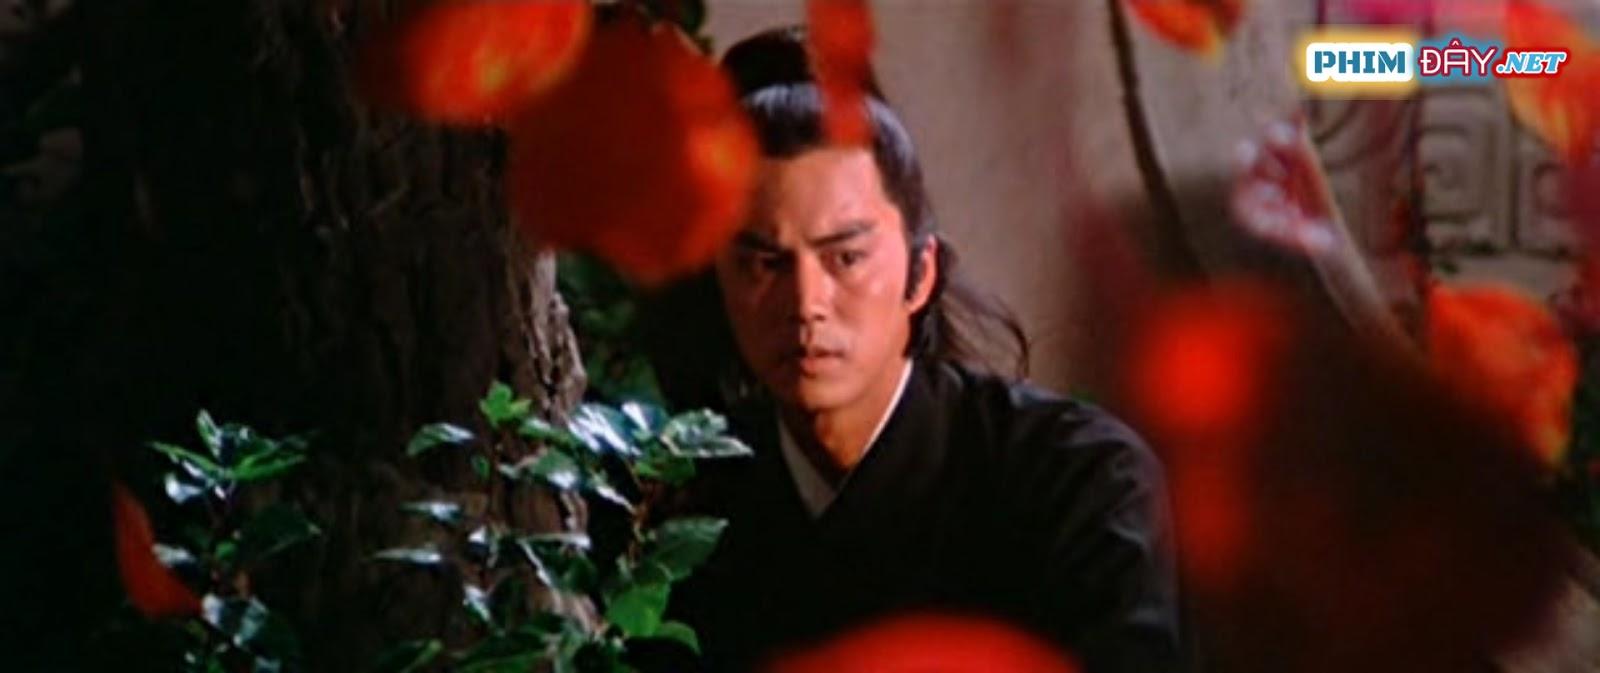 Sở Lưu Hương – Thiên Nhất Thần Quỷ - Clans of Intrigue (1977)